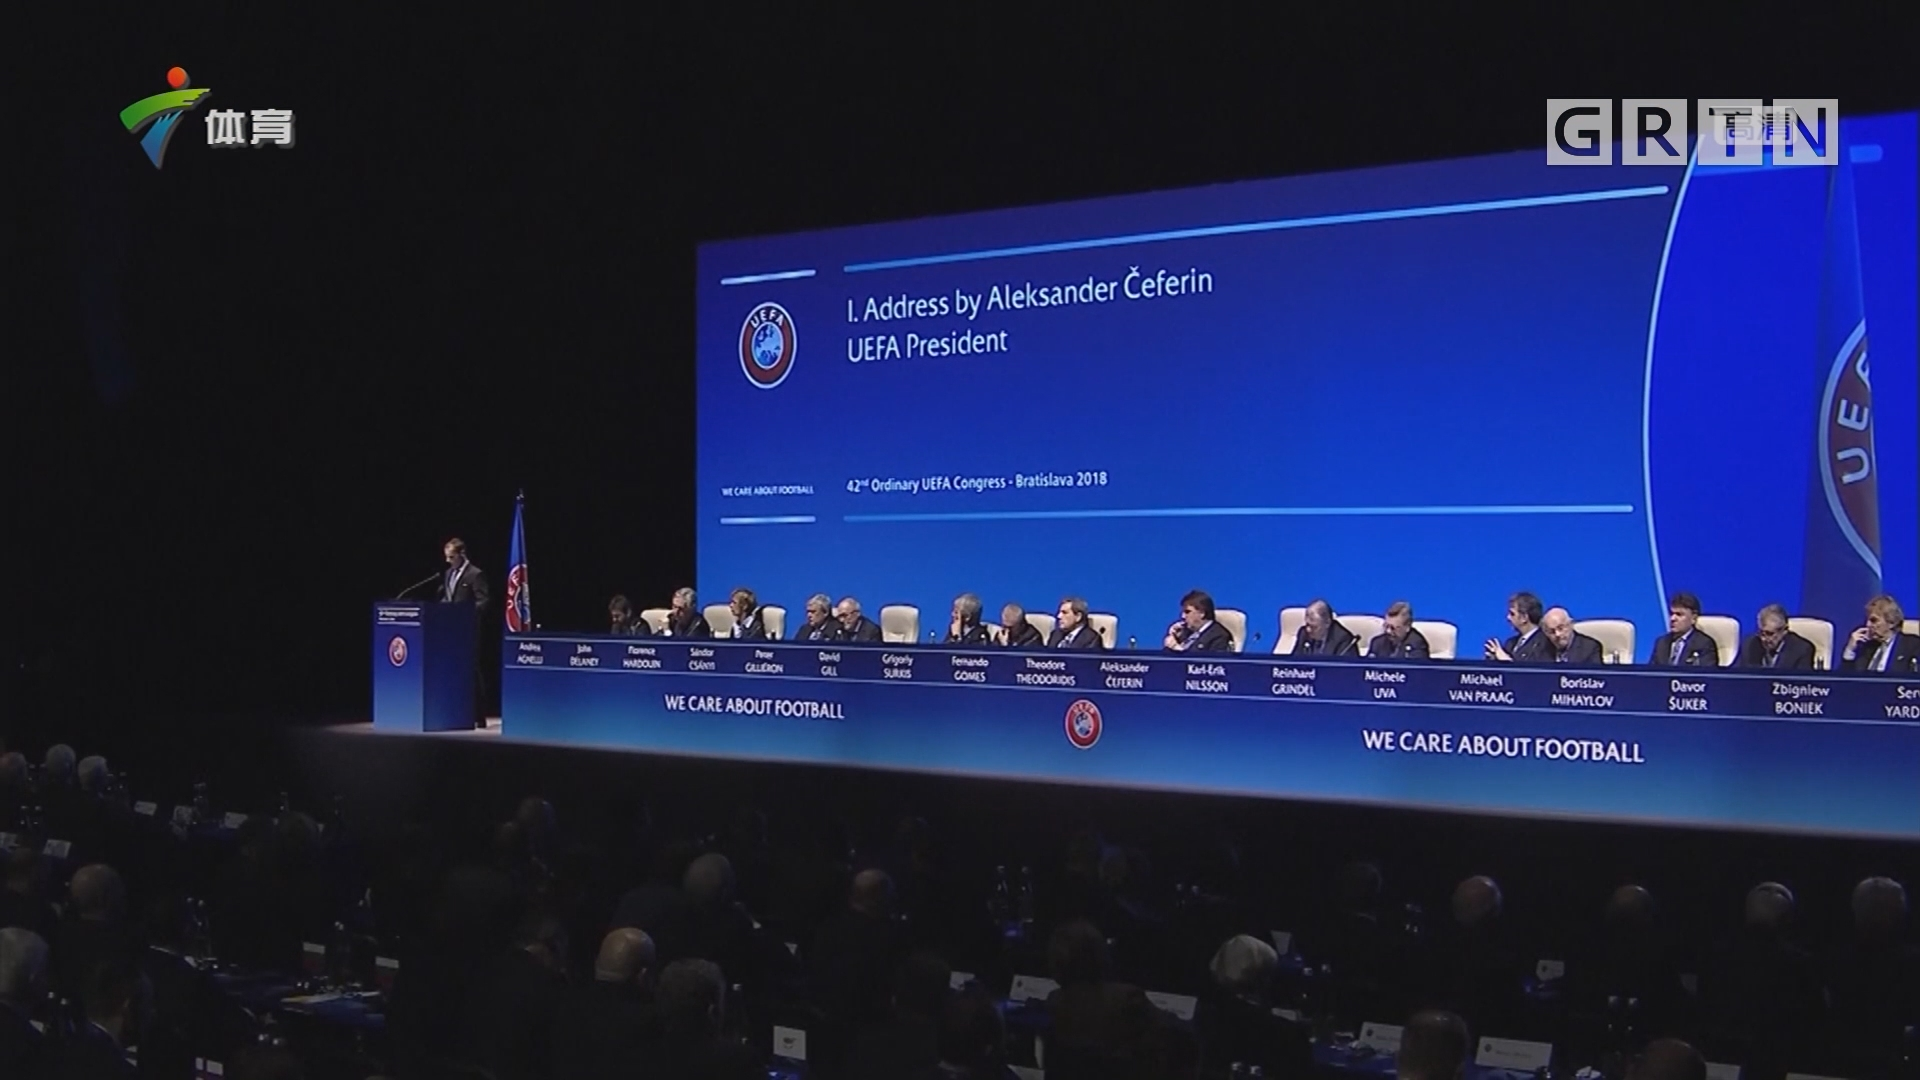 第42届欧足联大会在布拉迪斯拉发召开